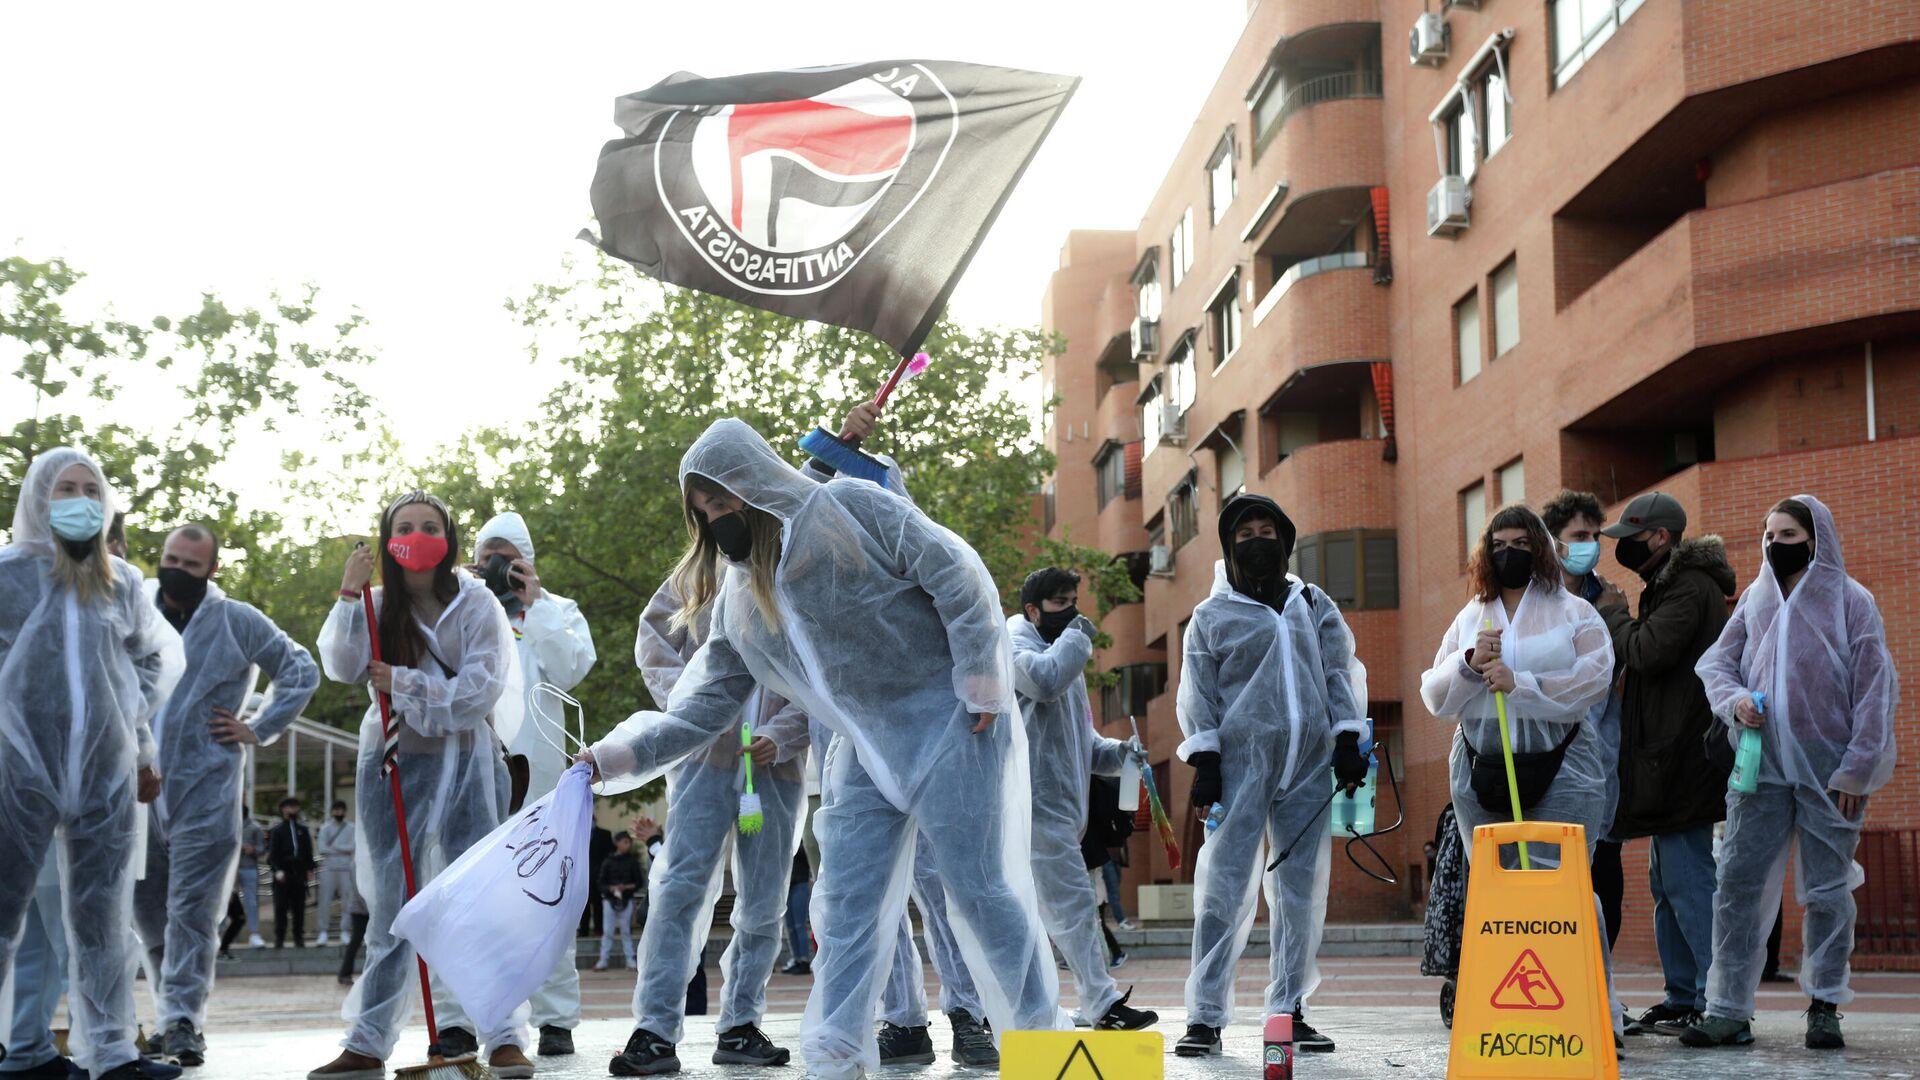 Varias personas durante el acto 'Desinfecta Vallekas del Fascismo'. Madrid, 8 de abril de 2021 - Sputnik Mundo, 1920, 09.04.2021